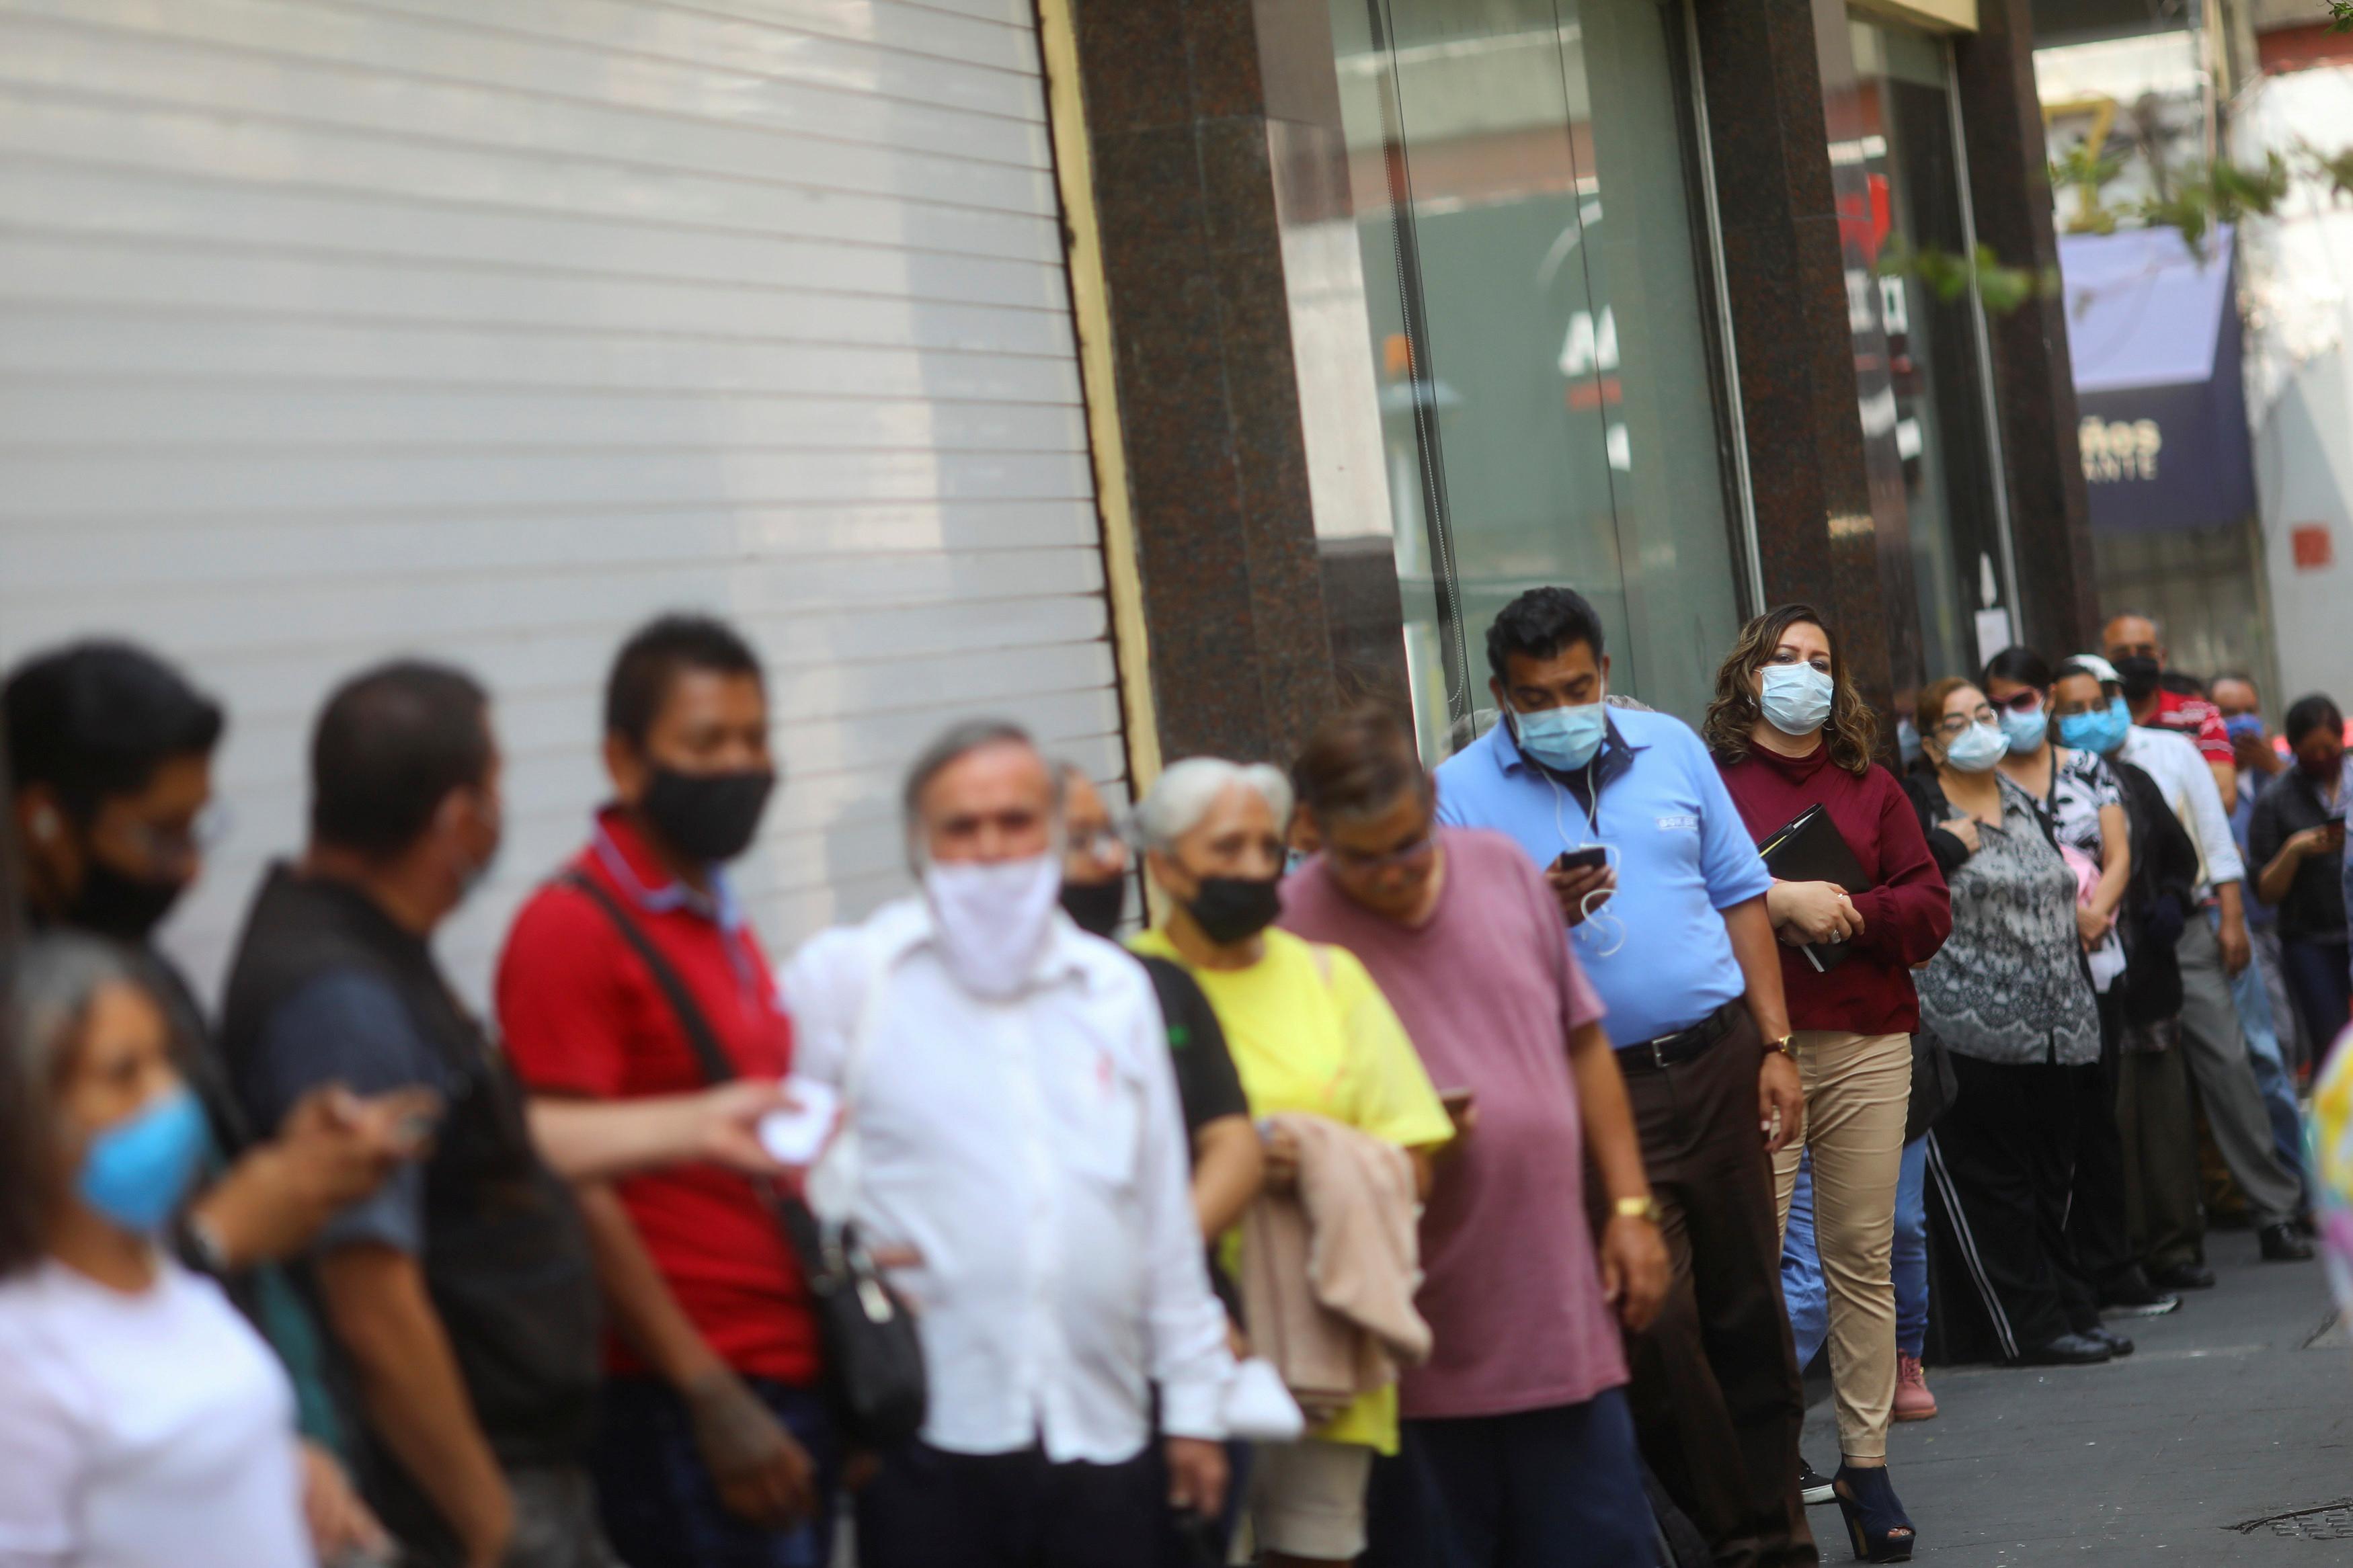 Los clientes hacen cola antes de comprar en una tienda durante el inicio de la reapertura gradual de las actividades comerciales en el centro de la Ciudad de México, mientras continúa el brote de la enfermedad coronavirus (COVID-19), México 30 de junio de 2020.